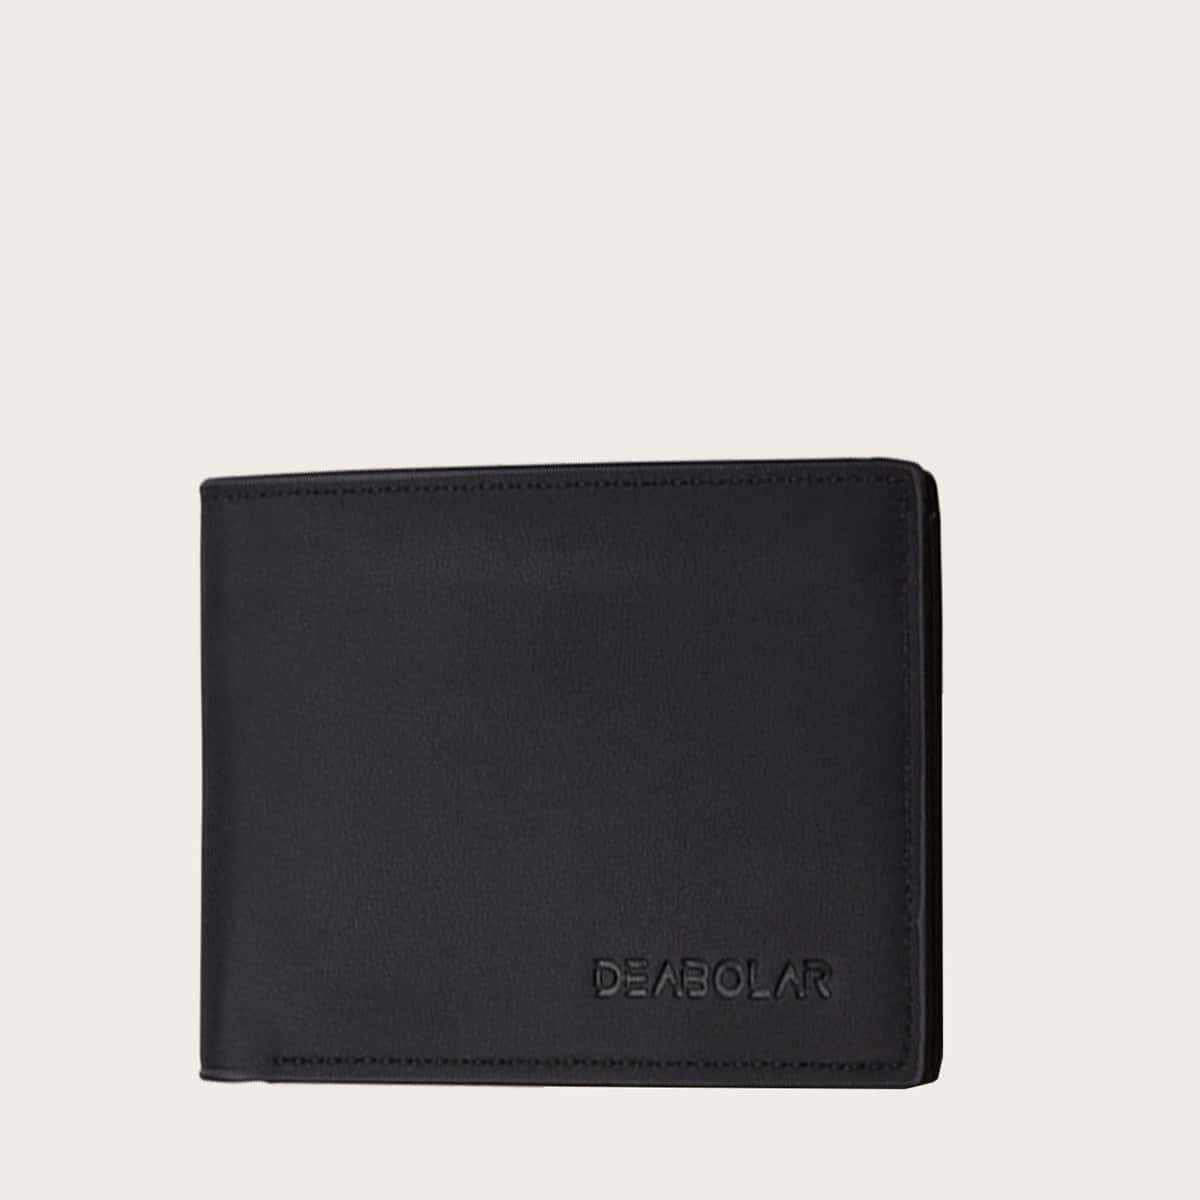 Мужской кошелек с текстовым принтом и держателем для карты